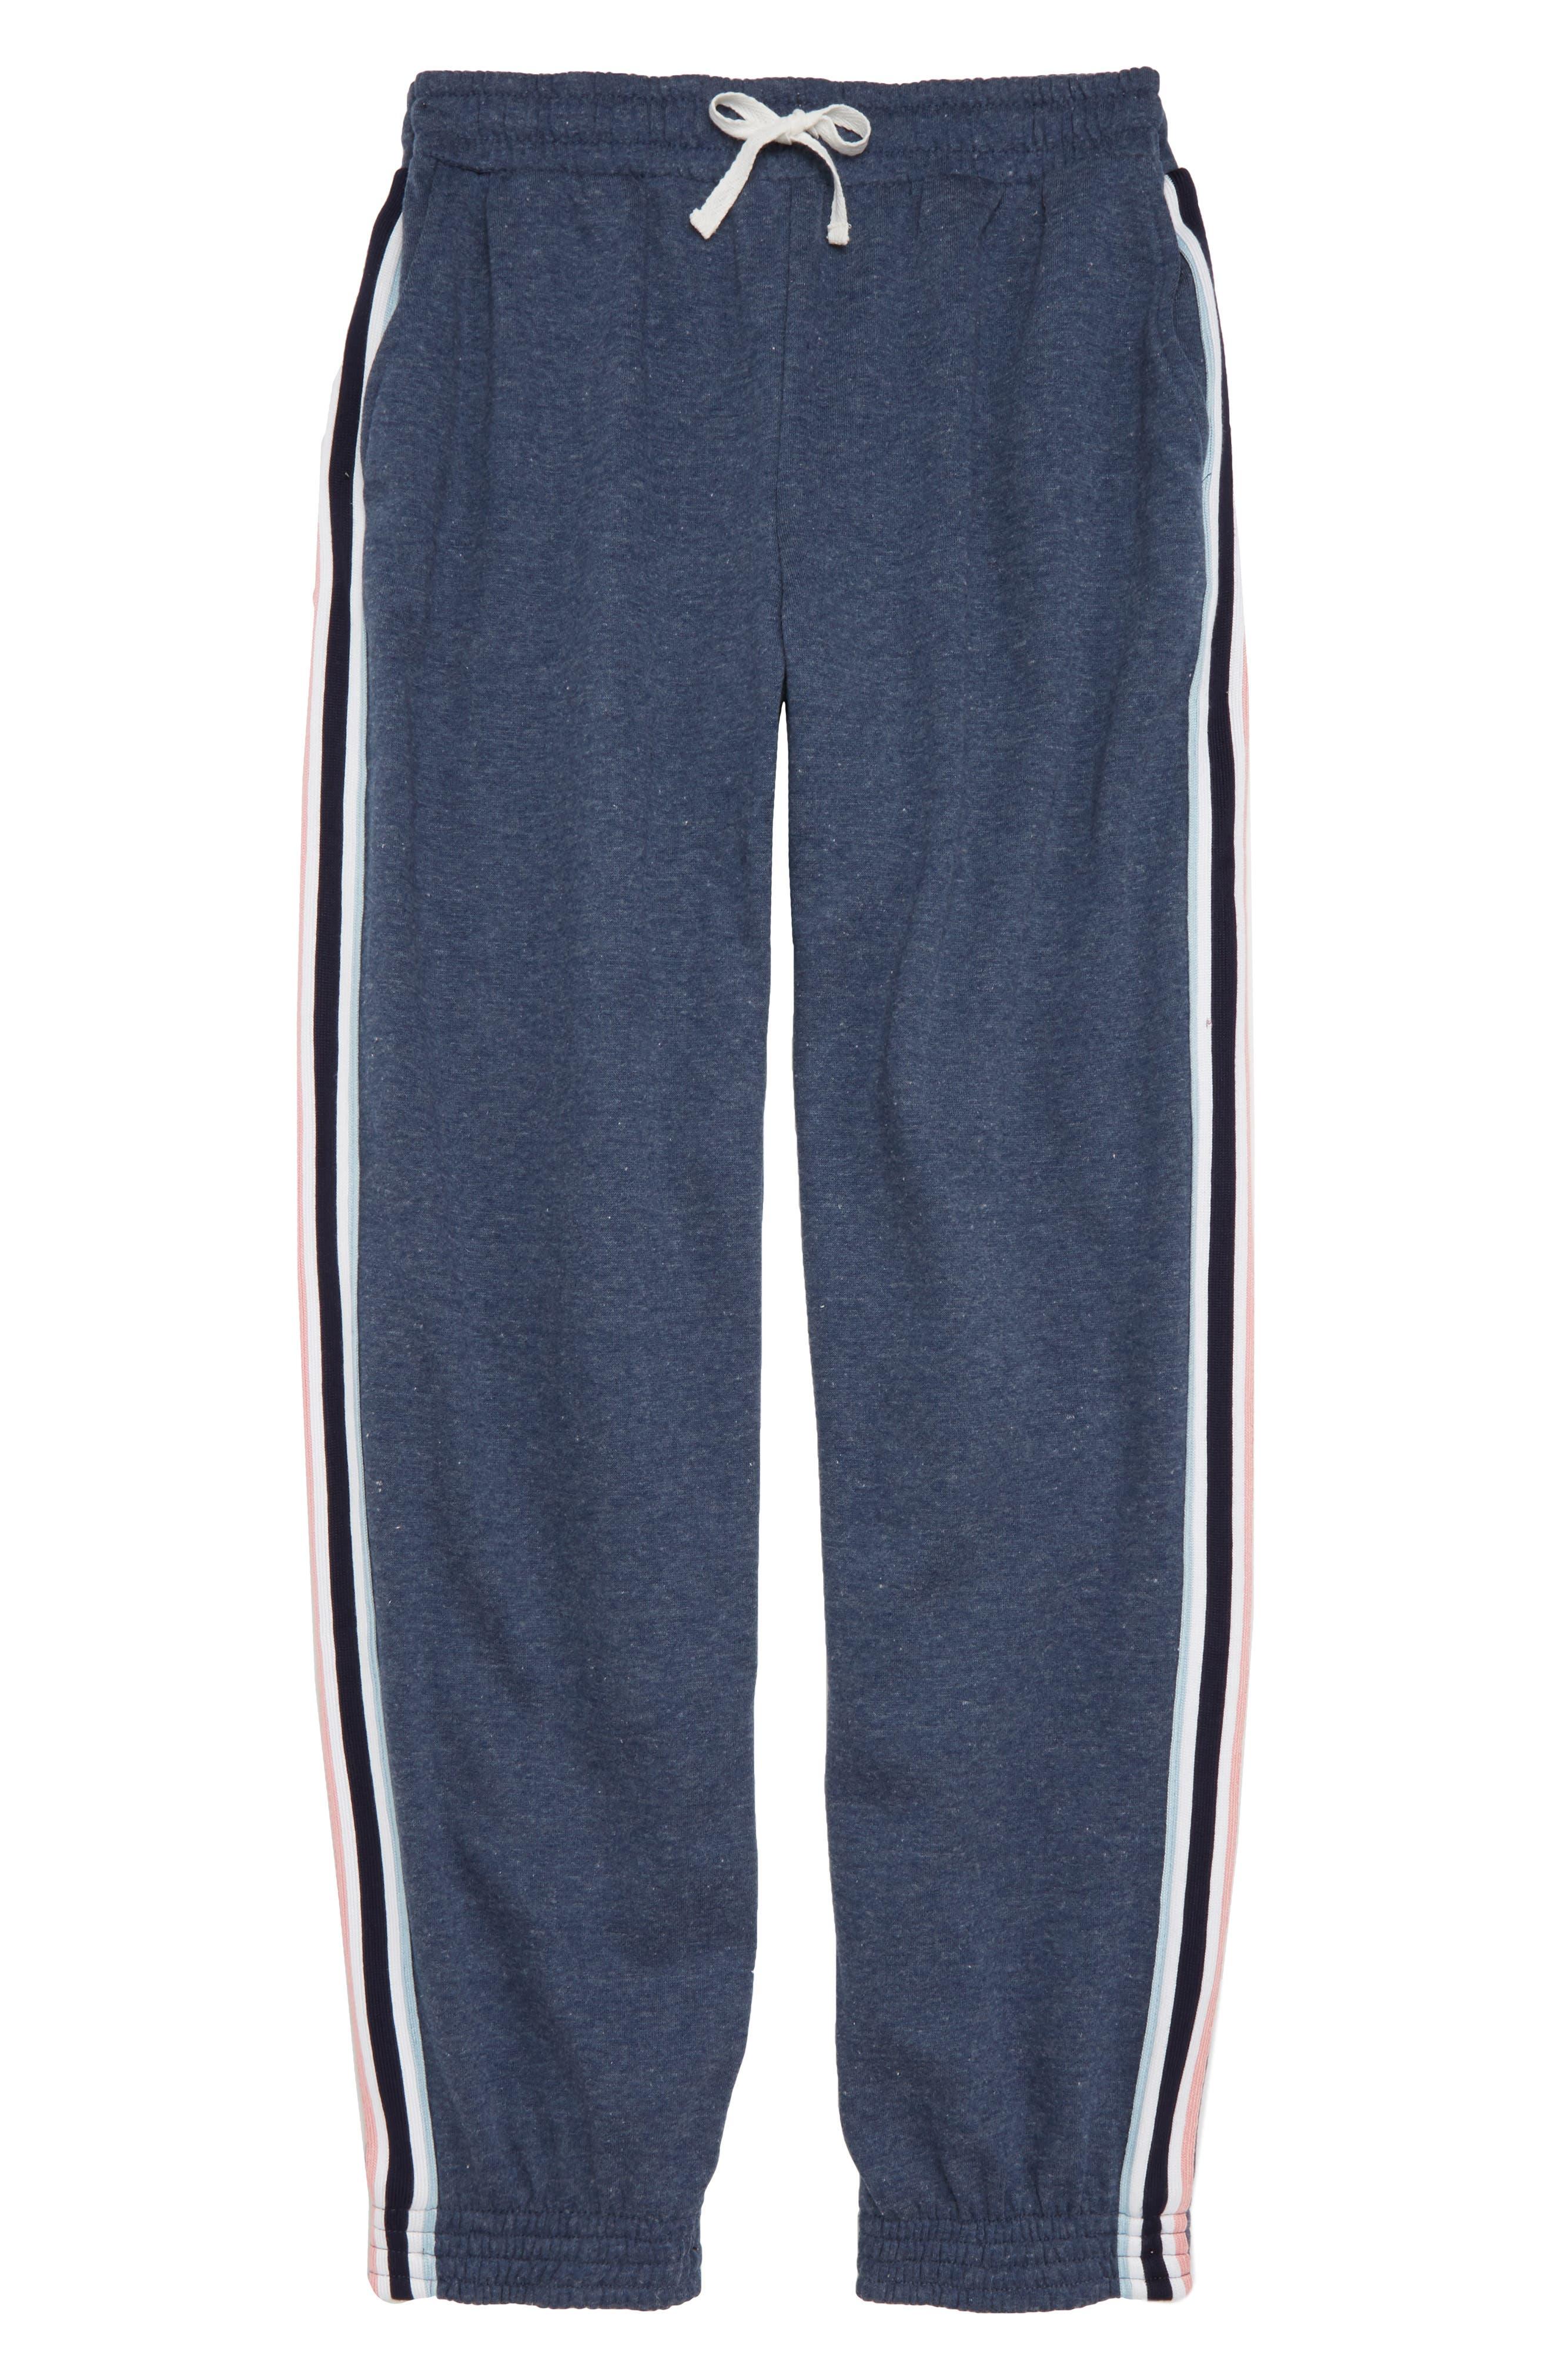 Track Pants,                             Main thumbnail 1, color,                             Navy/ Ivory/ Pink